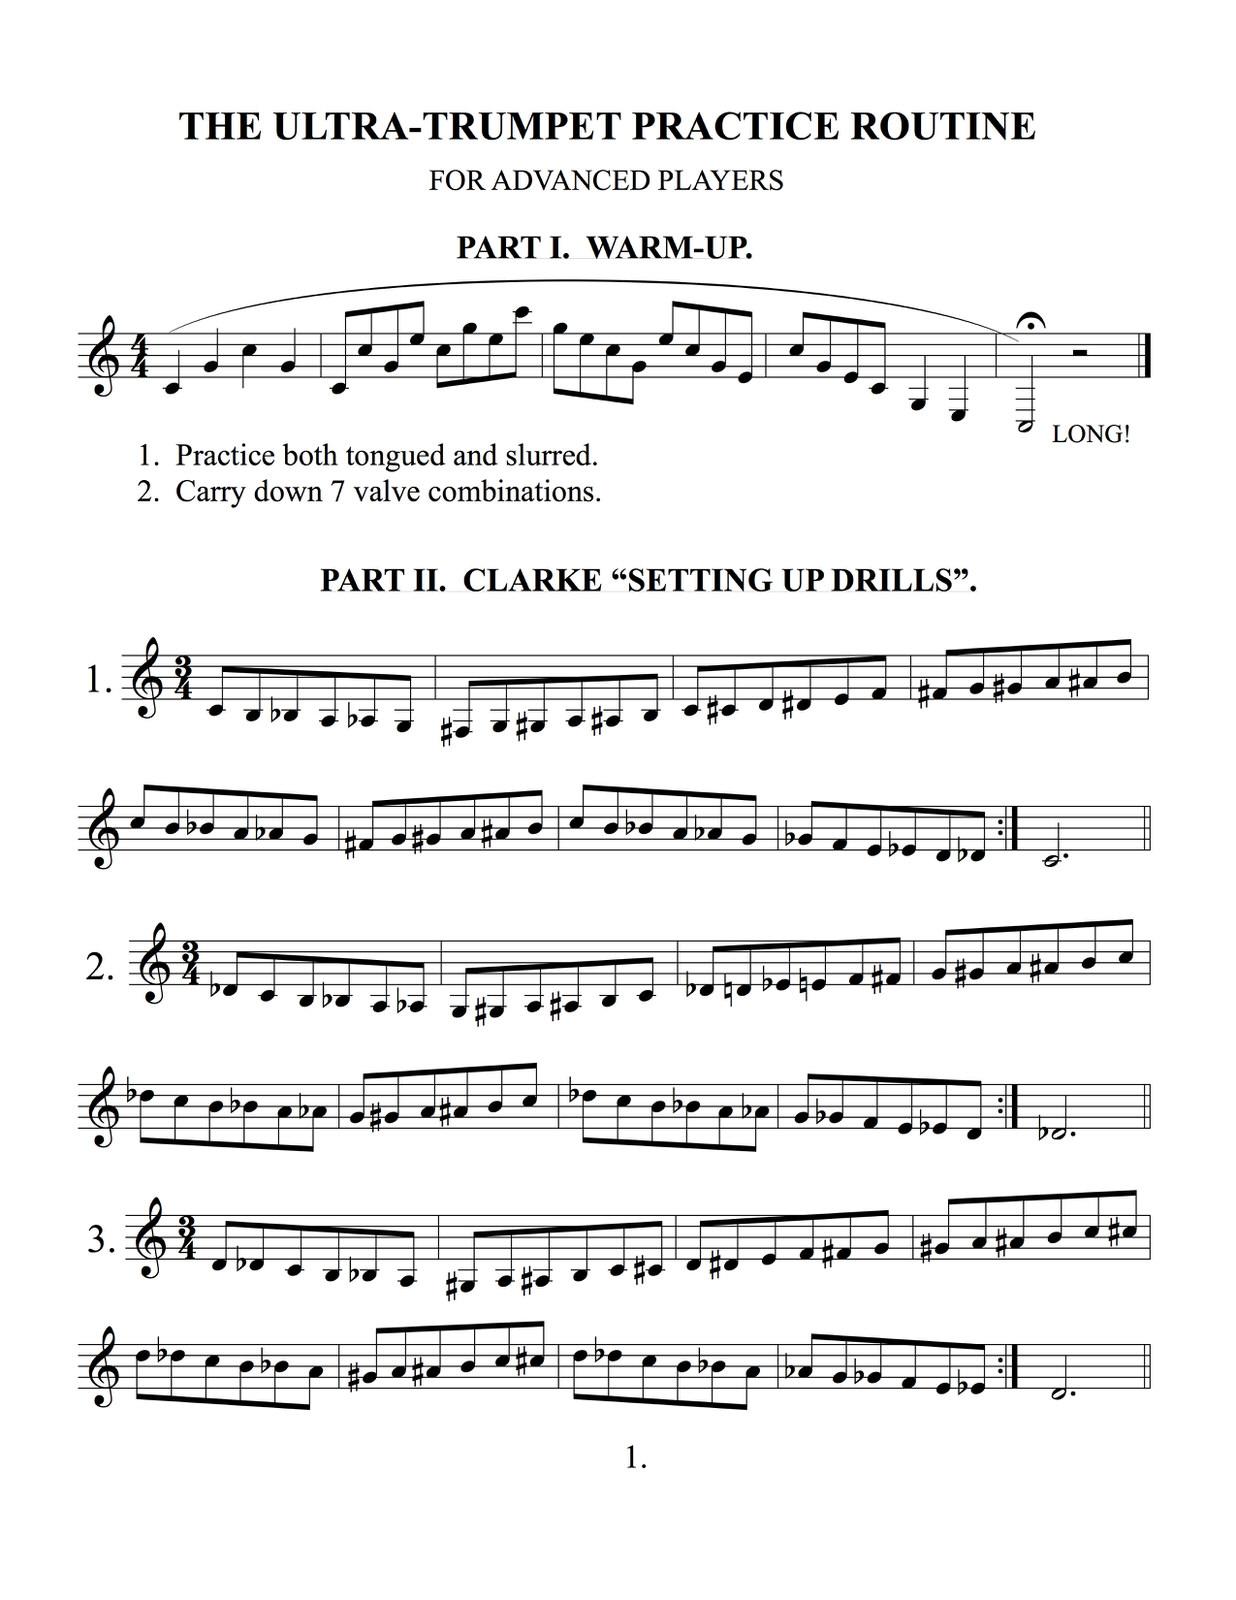 Ultra Trumpet Practice Routine by Knevitt, Bill | qPress